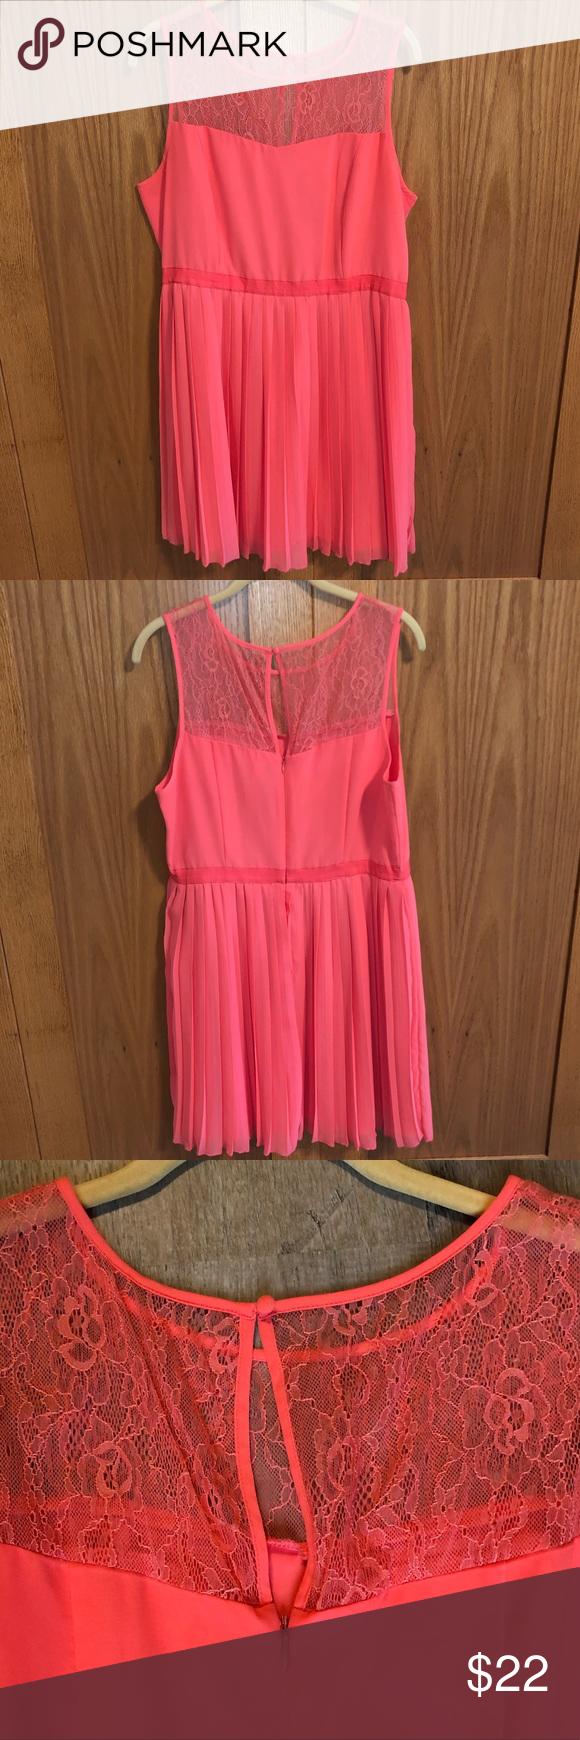 Kensie Dress Dieses Kleid ist perfekt für einen Abend oder einen Schultanz! Es ist pink…   – circle